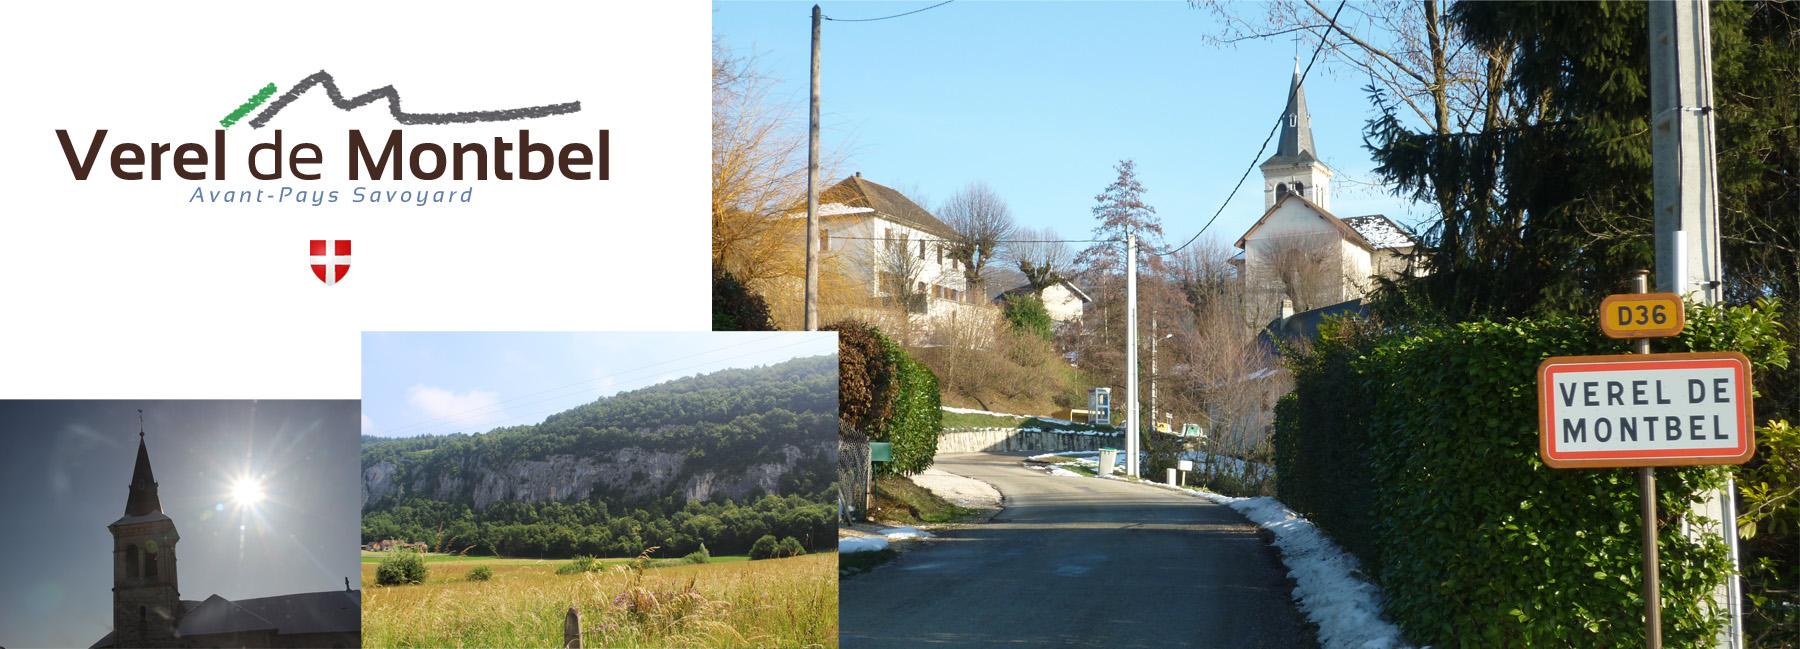 Verel-de-Montbel, commune située dans l'Avant-Pays Savoyard - 73330 - Village